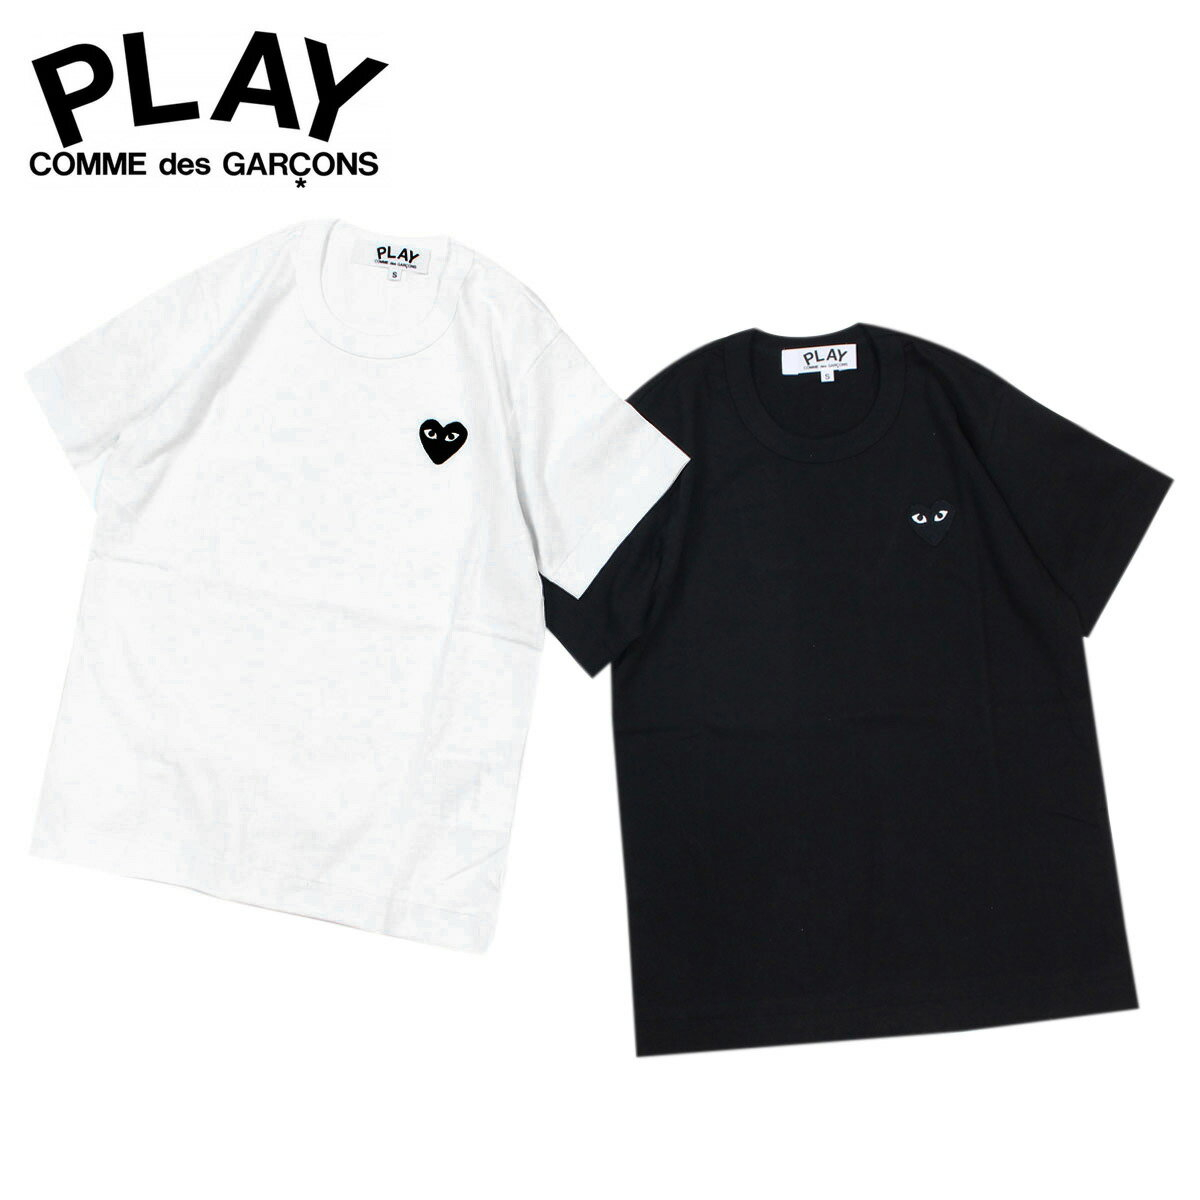 コムデギャルソン PLAY Tシャツ 半袖 COMME des GARCONS レディース BLACK HEART T-SHIRT AZ-T063 ブラック ホワイト